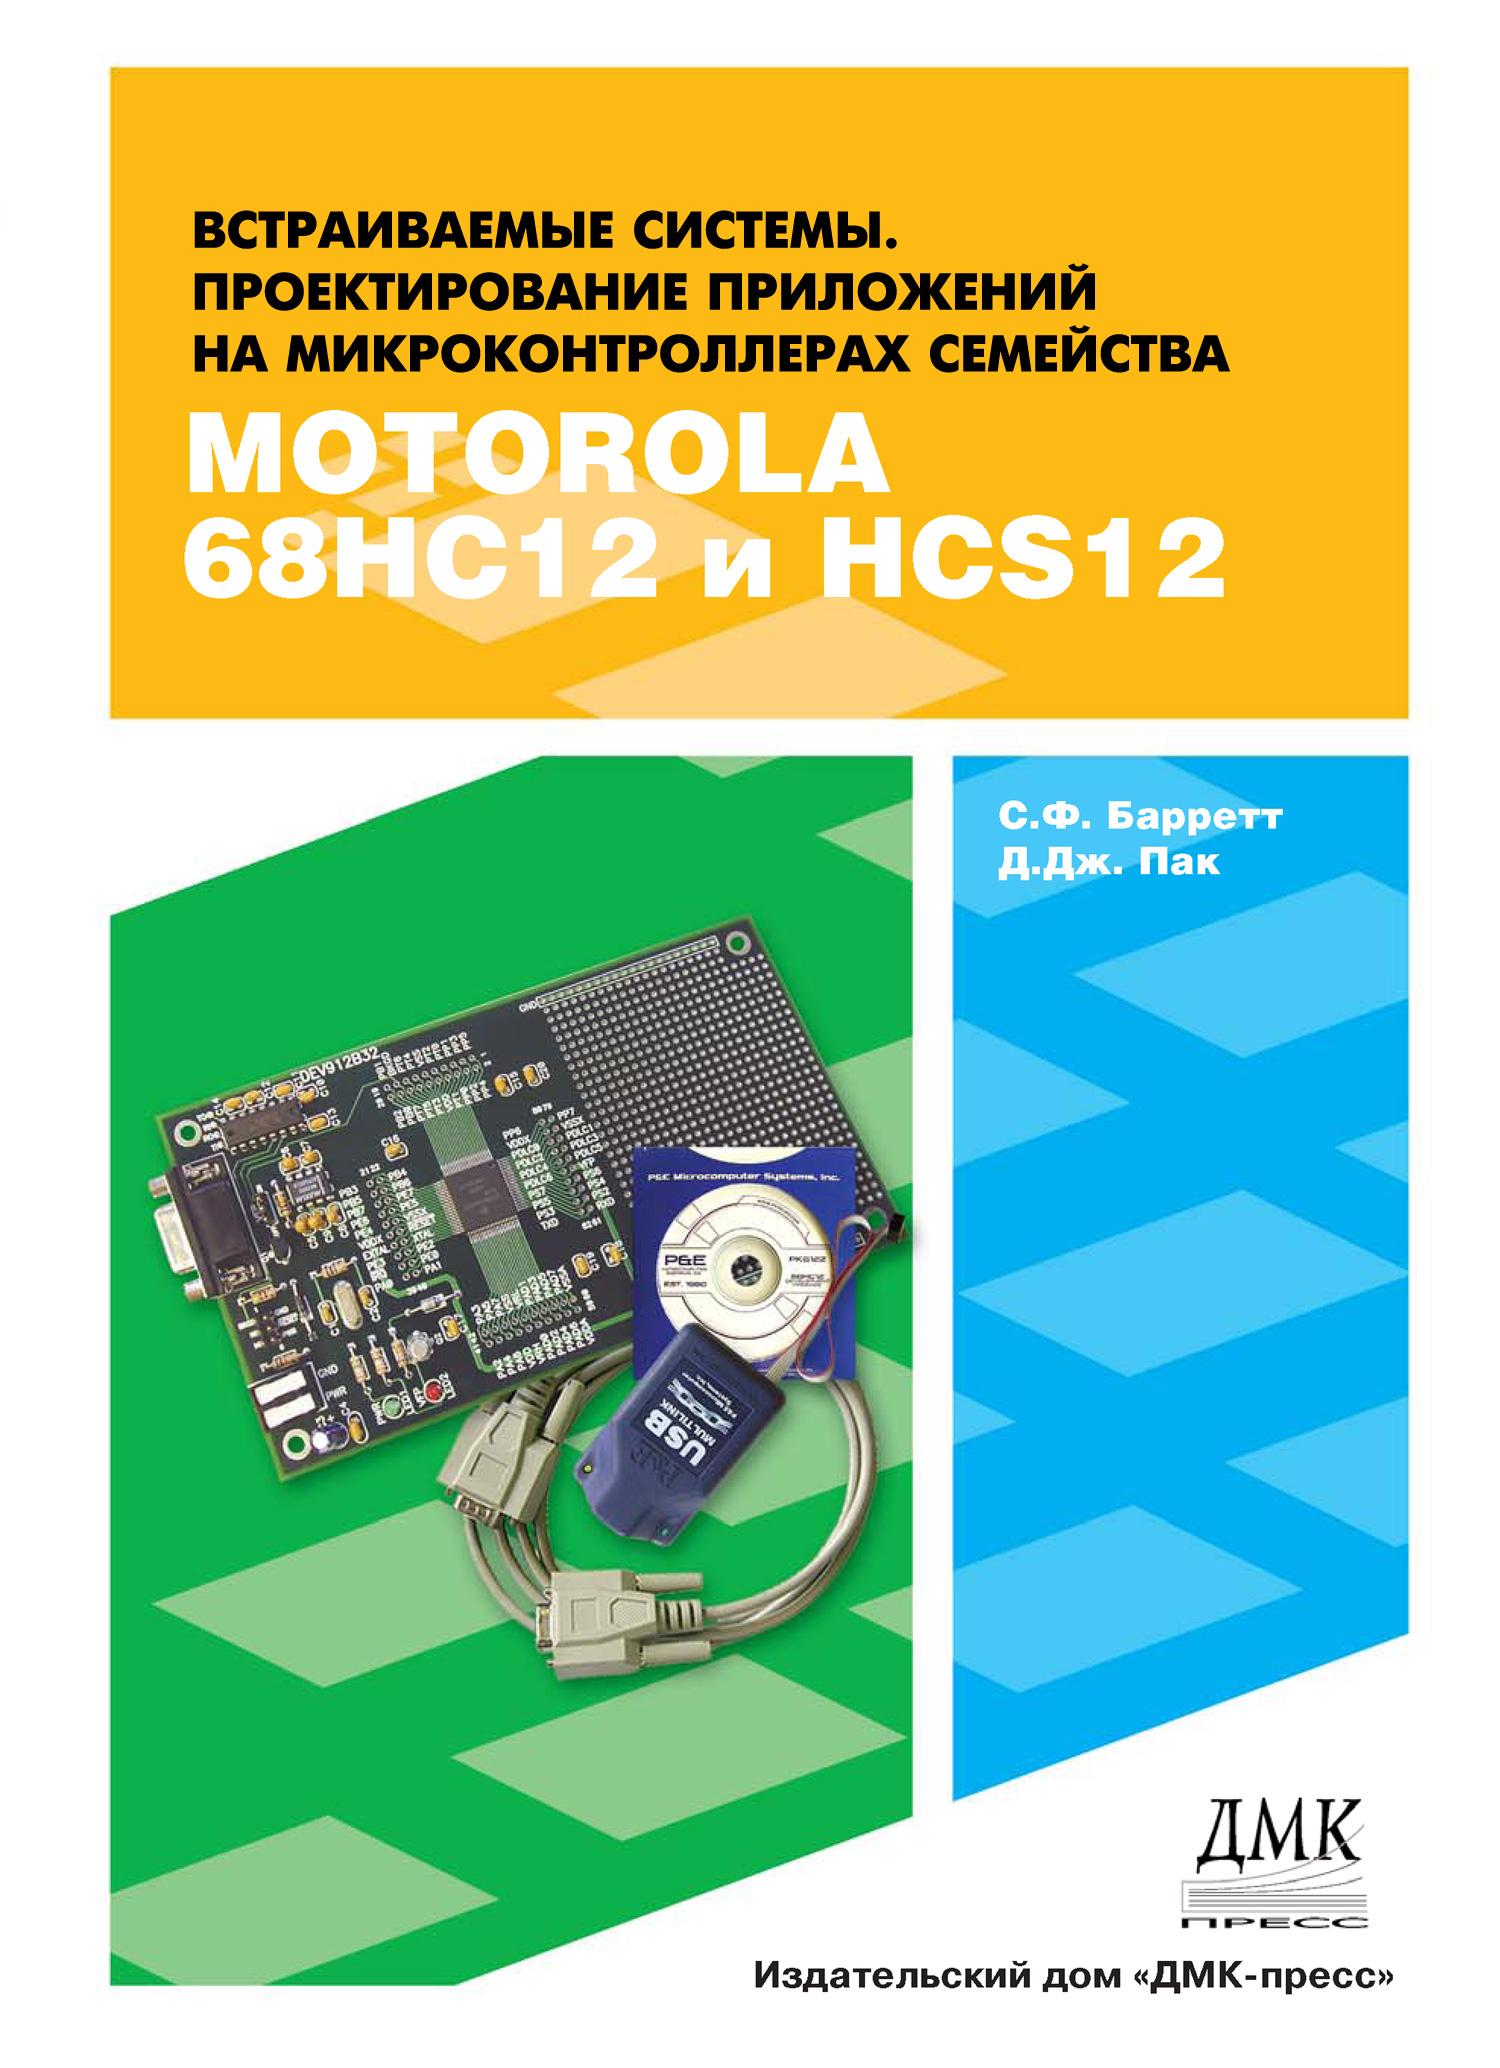 Стивен Баррет, Даниэль Пак «Встраиваемые системы. Проектирование приложений на микроконтроллерах семейства 68НС12 / НСS12 с применением языка С»